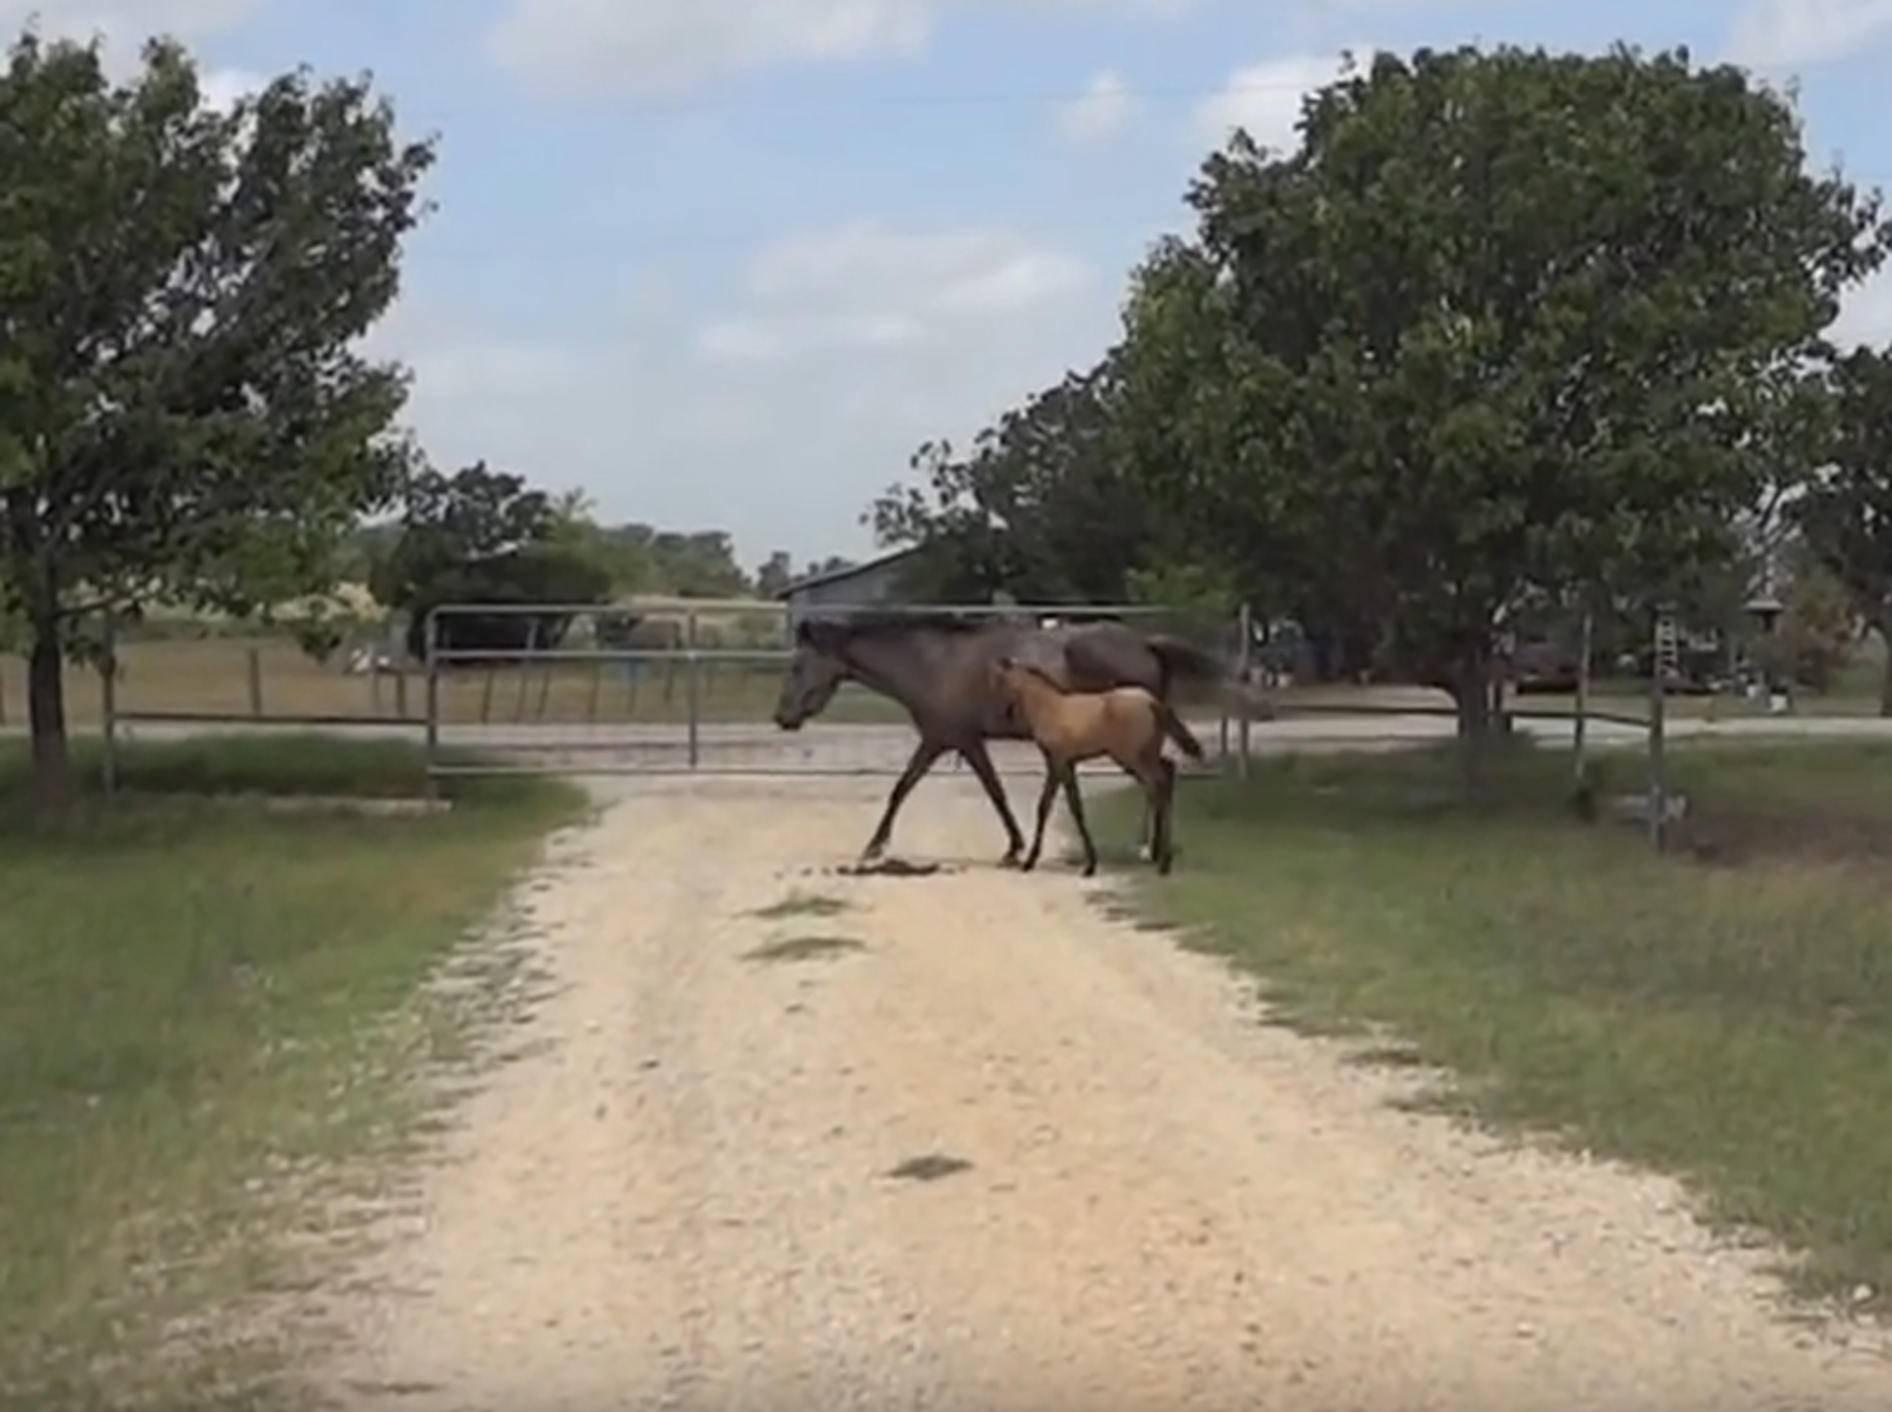 Pferdemama bringt ihrem Fohlen das Springen bei – YouTube / k9element